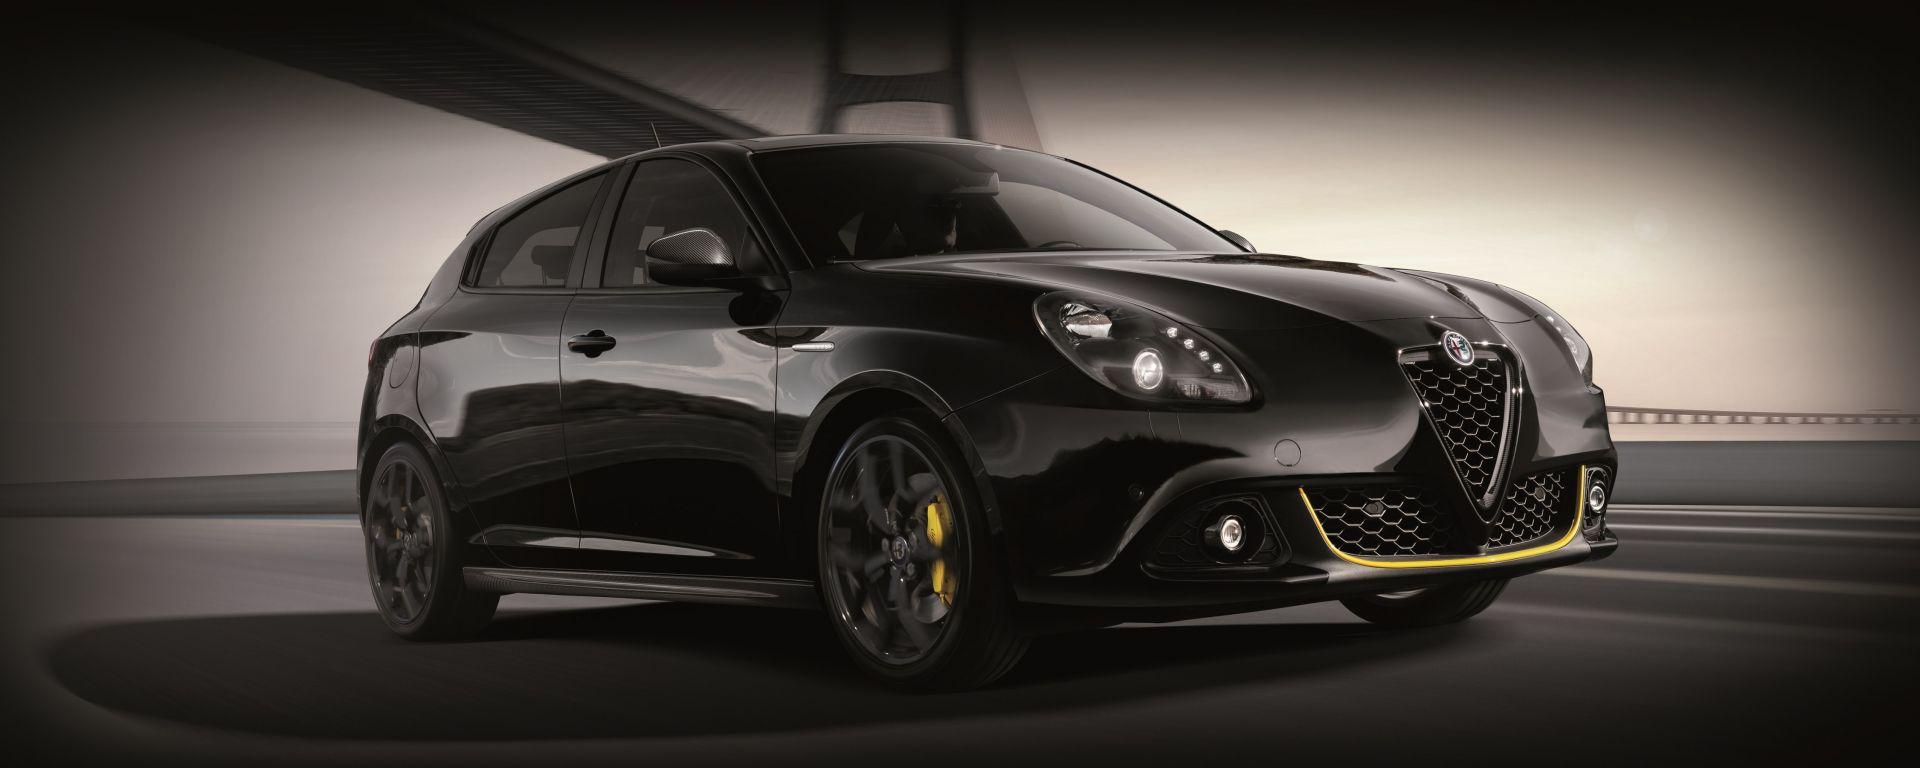 Nuova Alfa Romeo Giulietta Carbon Edition